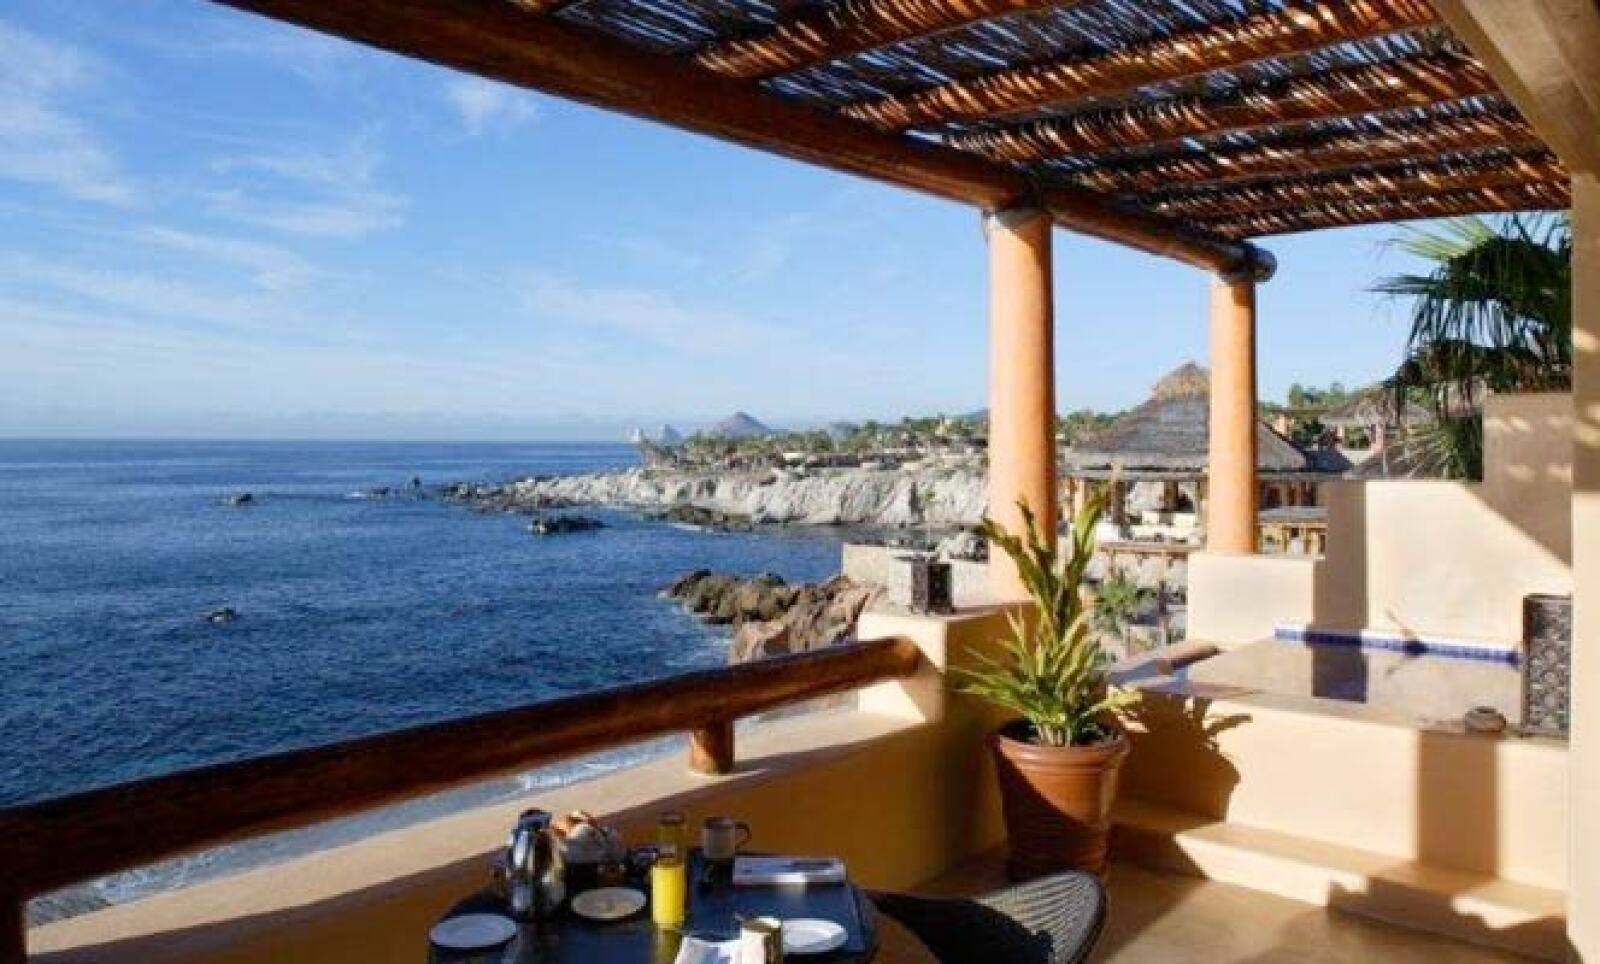 Este espacio incluye 57 habitaciones, 60 villas, 36 residencias privadas, un spa y un restaurante de firma propia.